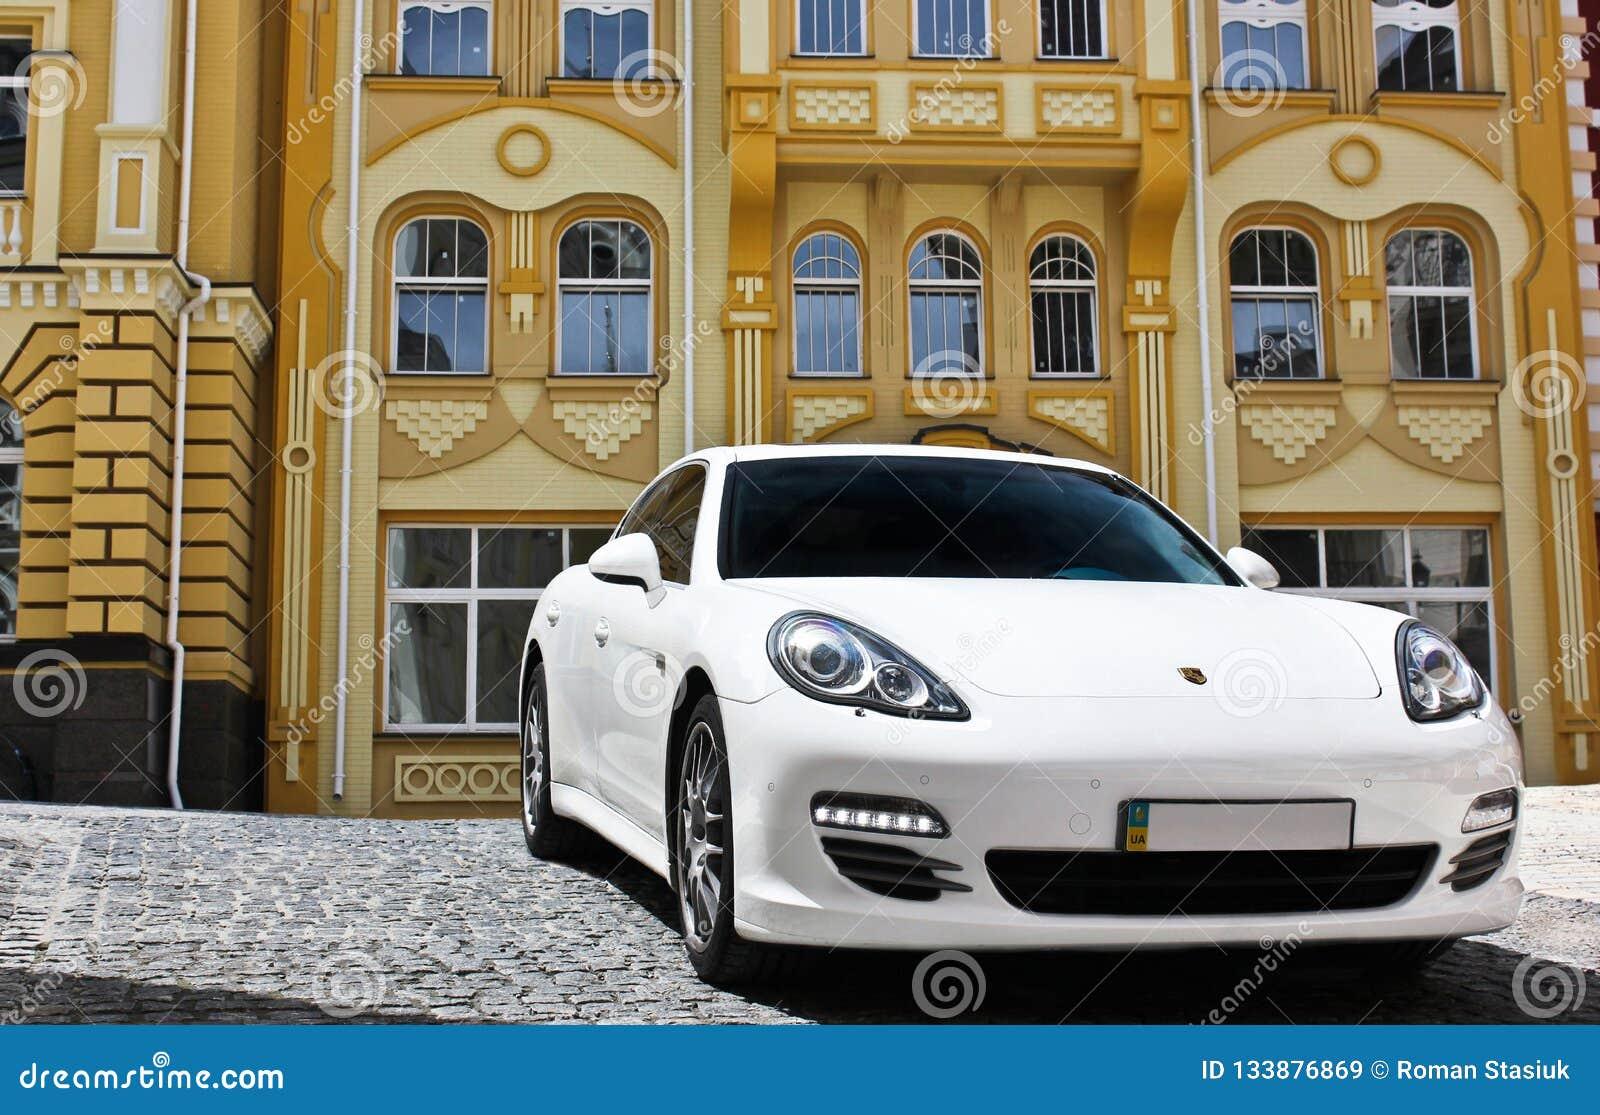 Kyiv Ukraina, Juni 25, 2015; Vita Porsche Porsche Panamera på bakgrunden av härliga byggnader